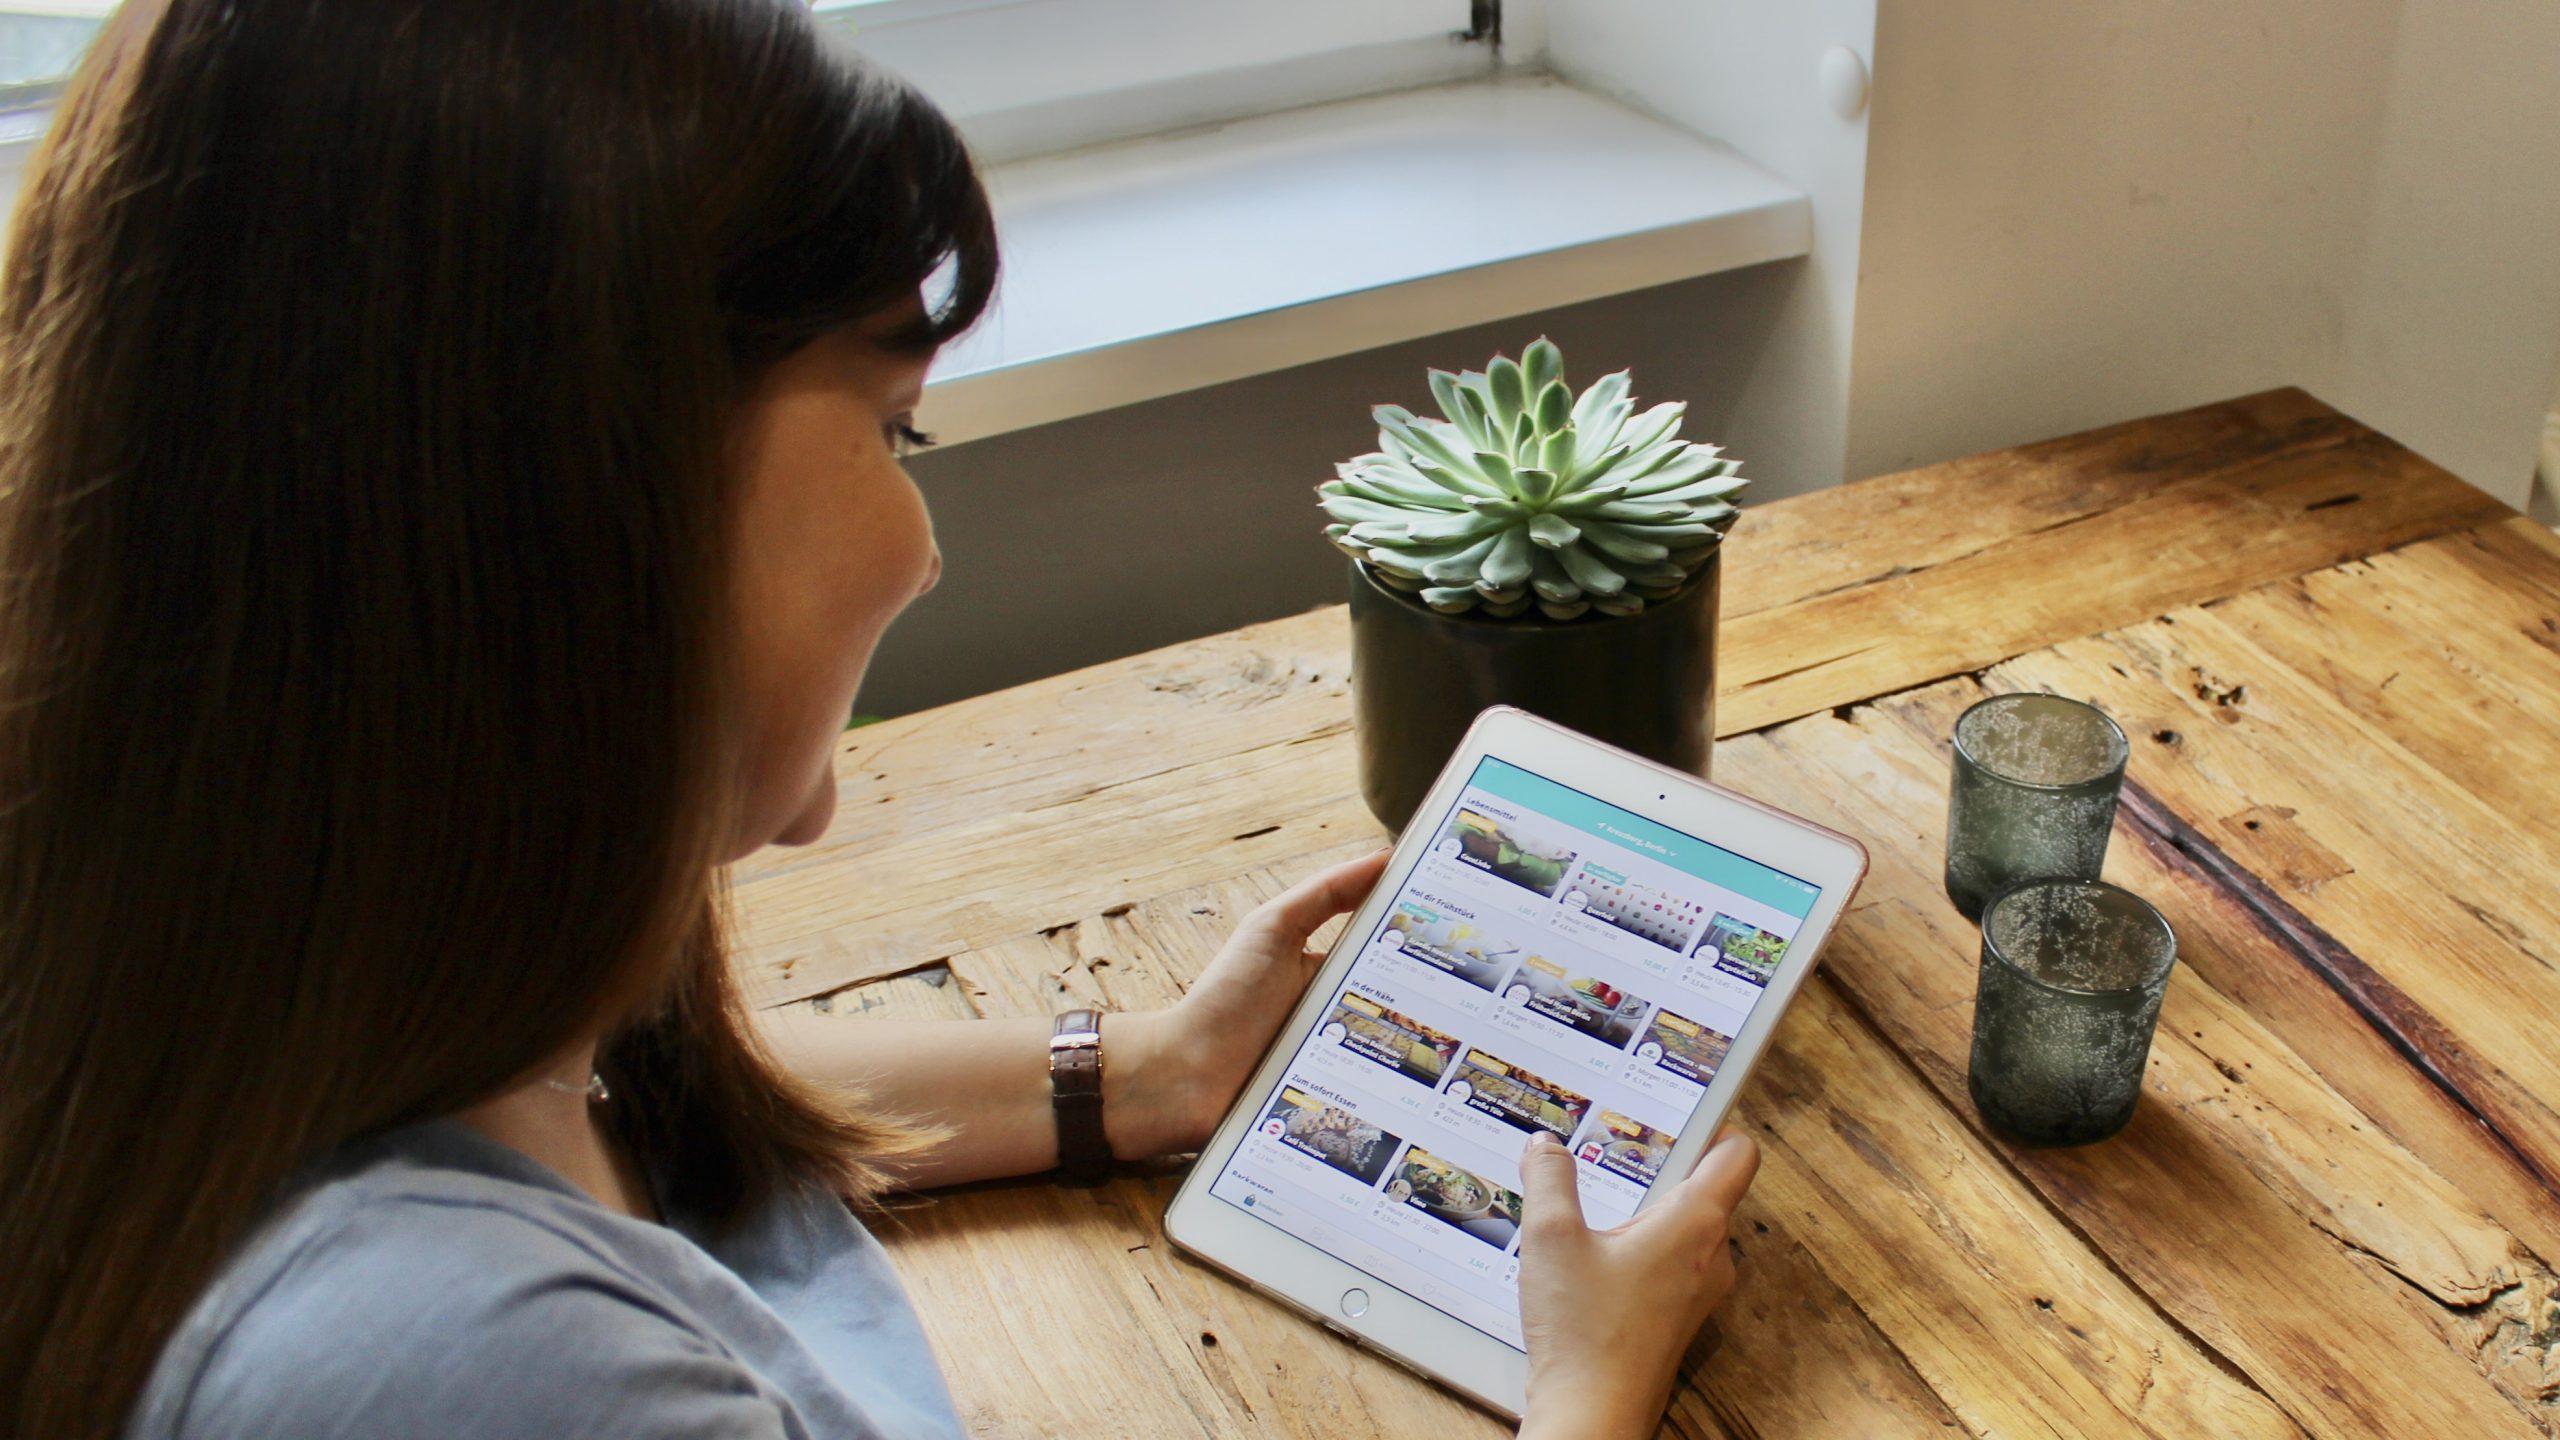 Zero Waste im Alltag – Apps für Deinen umweltbewussten Lifestyle